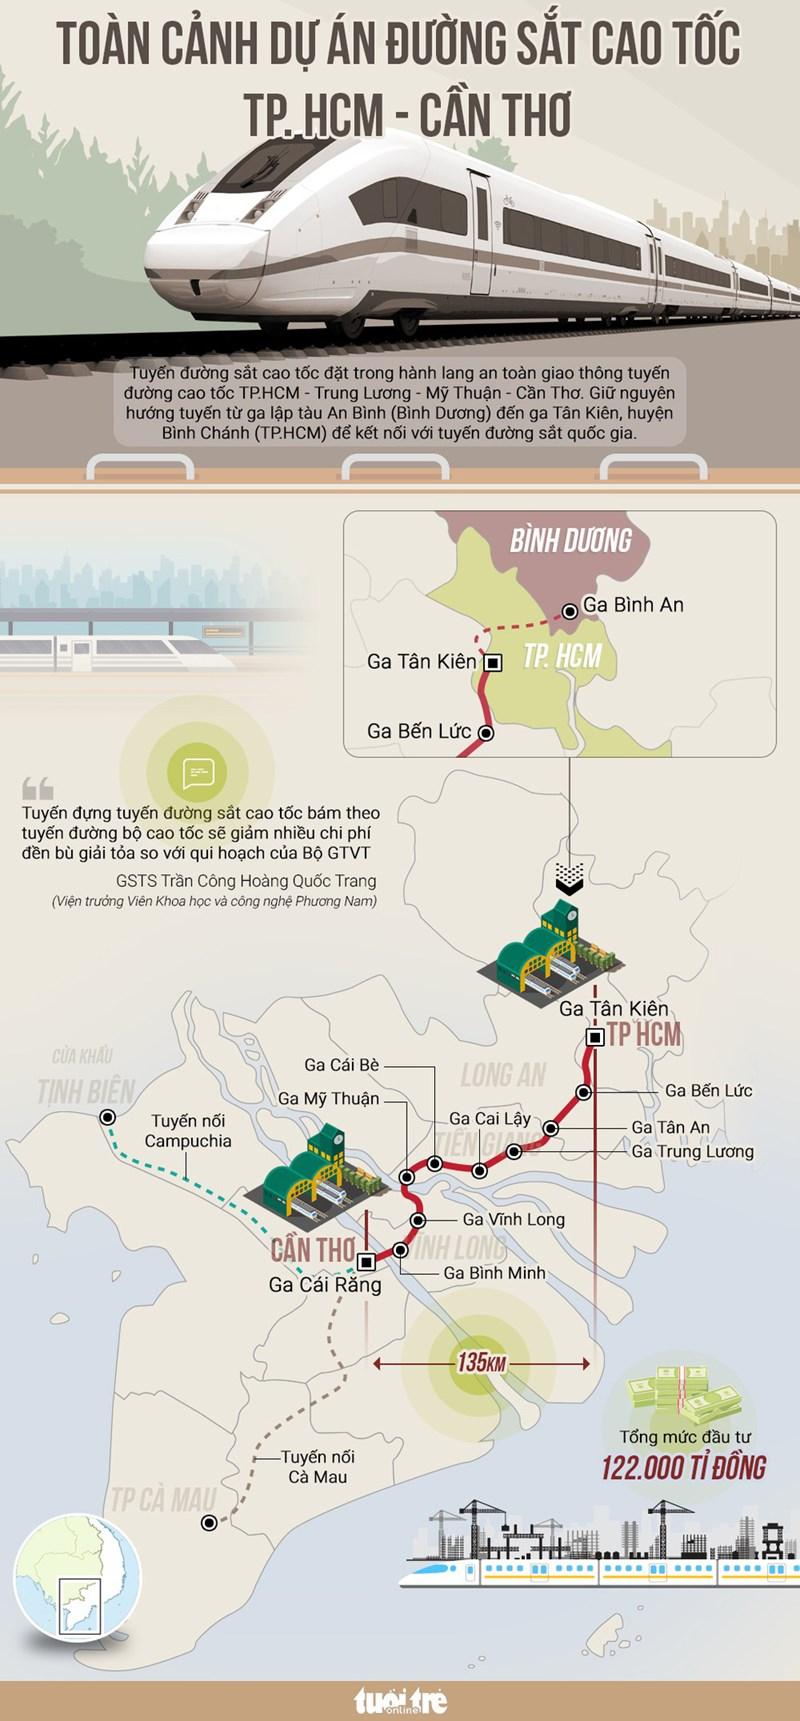 Toàn cảnh dự án đường sắt cao tốc TP.HCM - Cần Thơ - Ảnh 1